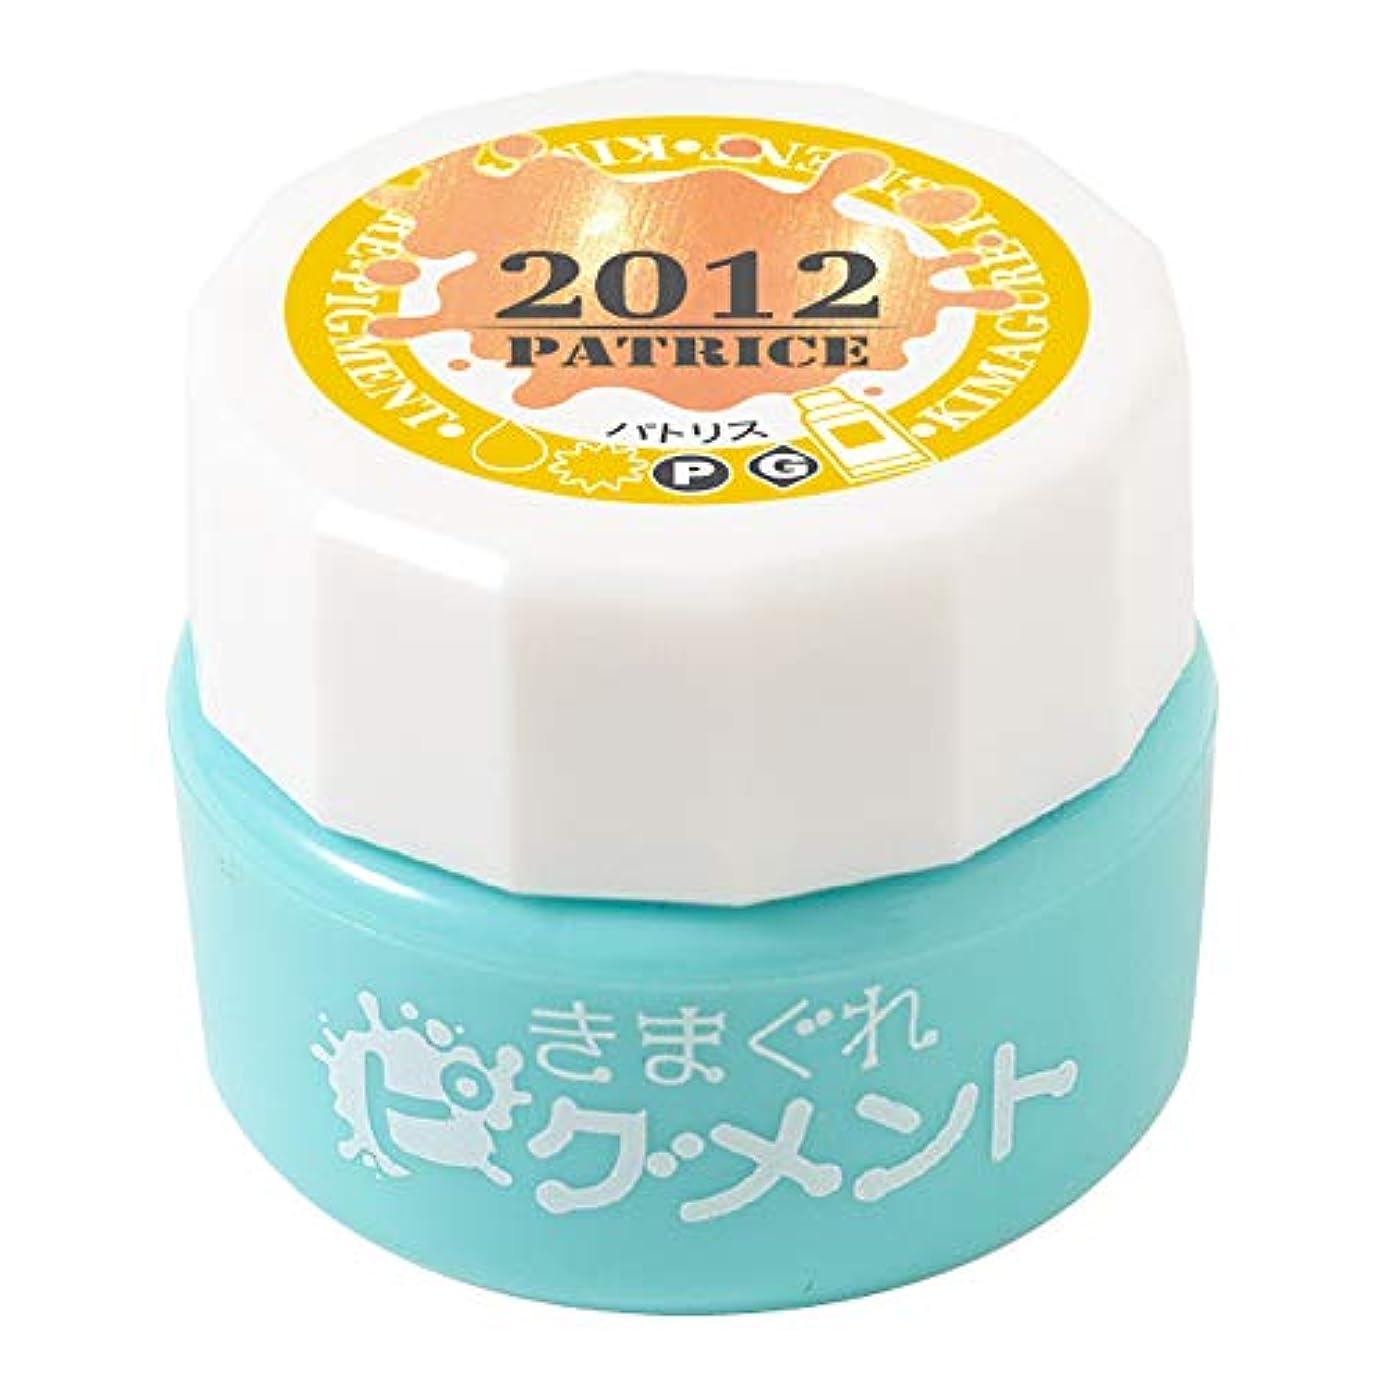 ウイルス廃棄収入Bettygel きまぐれピグメント パトリス QYJ-2012 4g